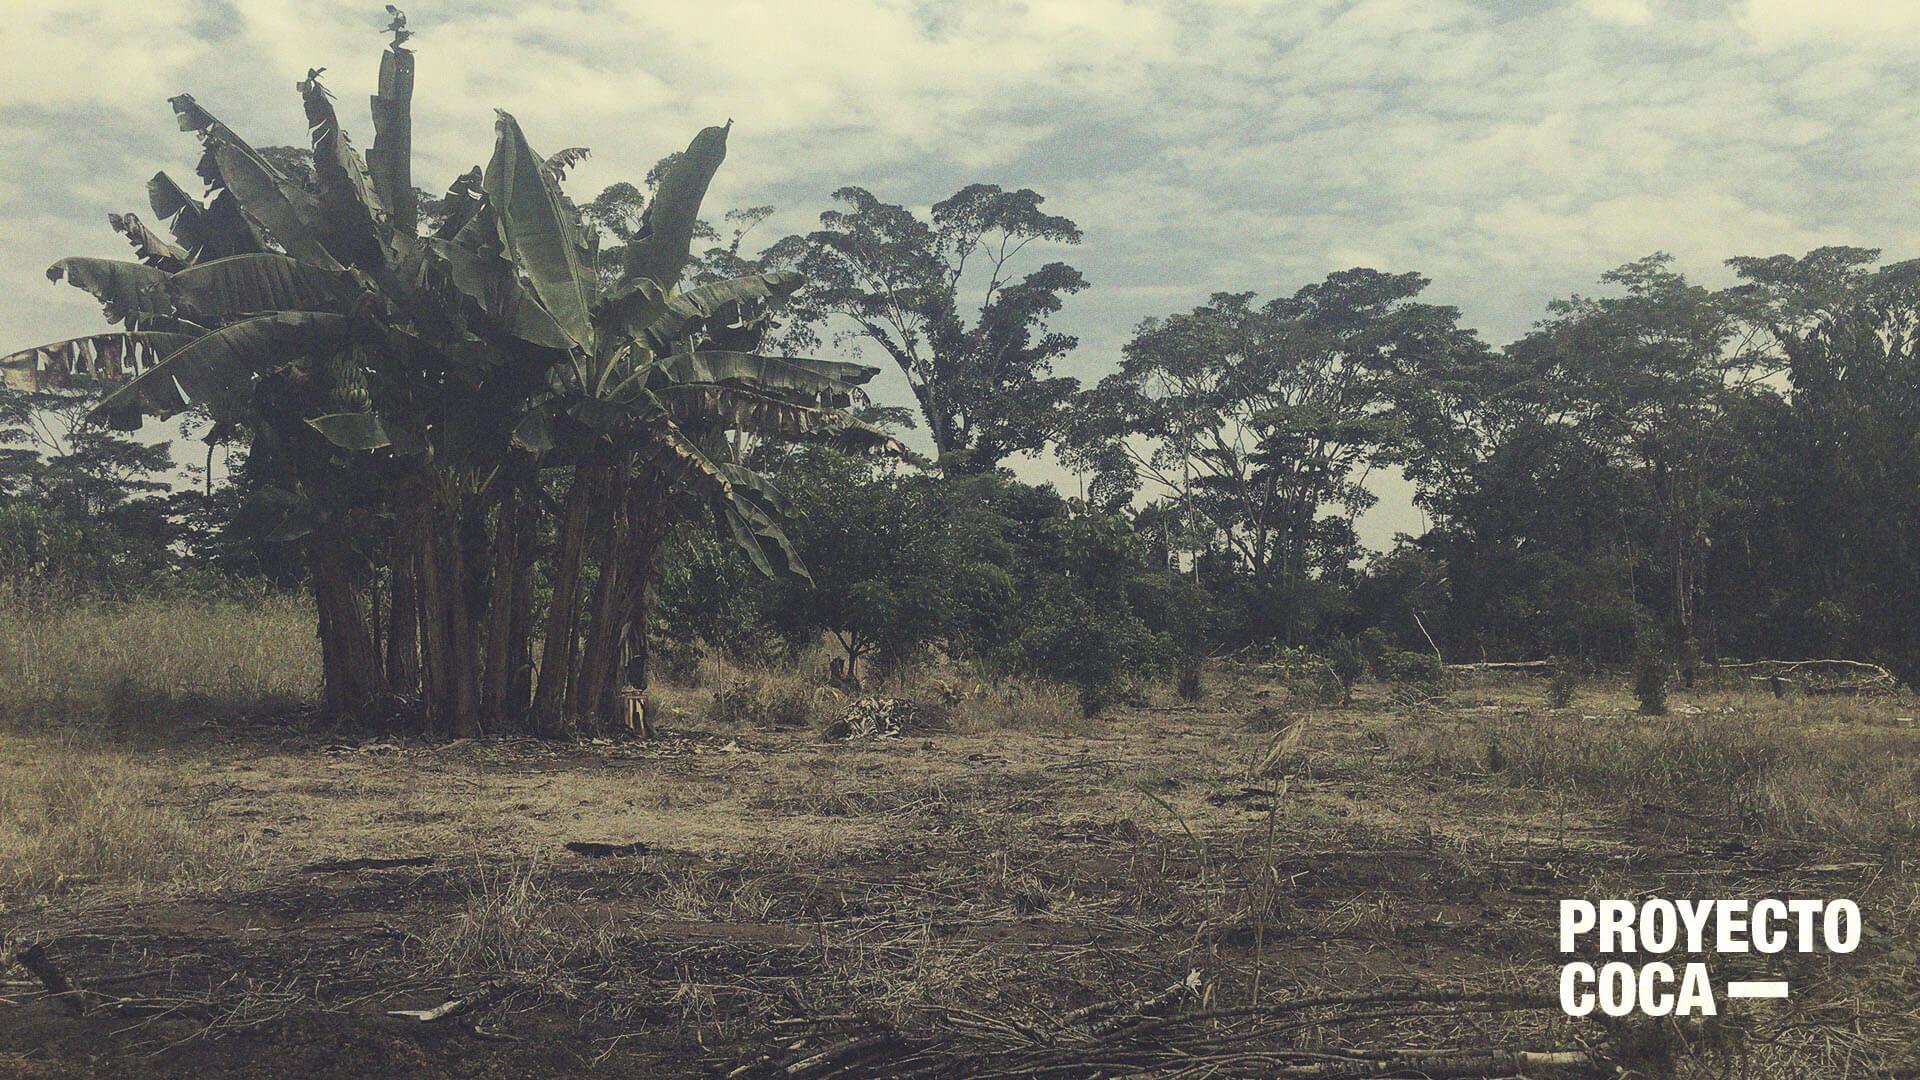 Sí: tenemos el récord de coca, pero la erradicación está funcionando